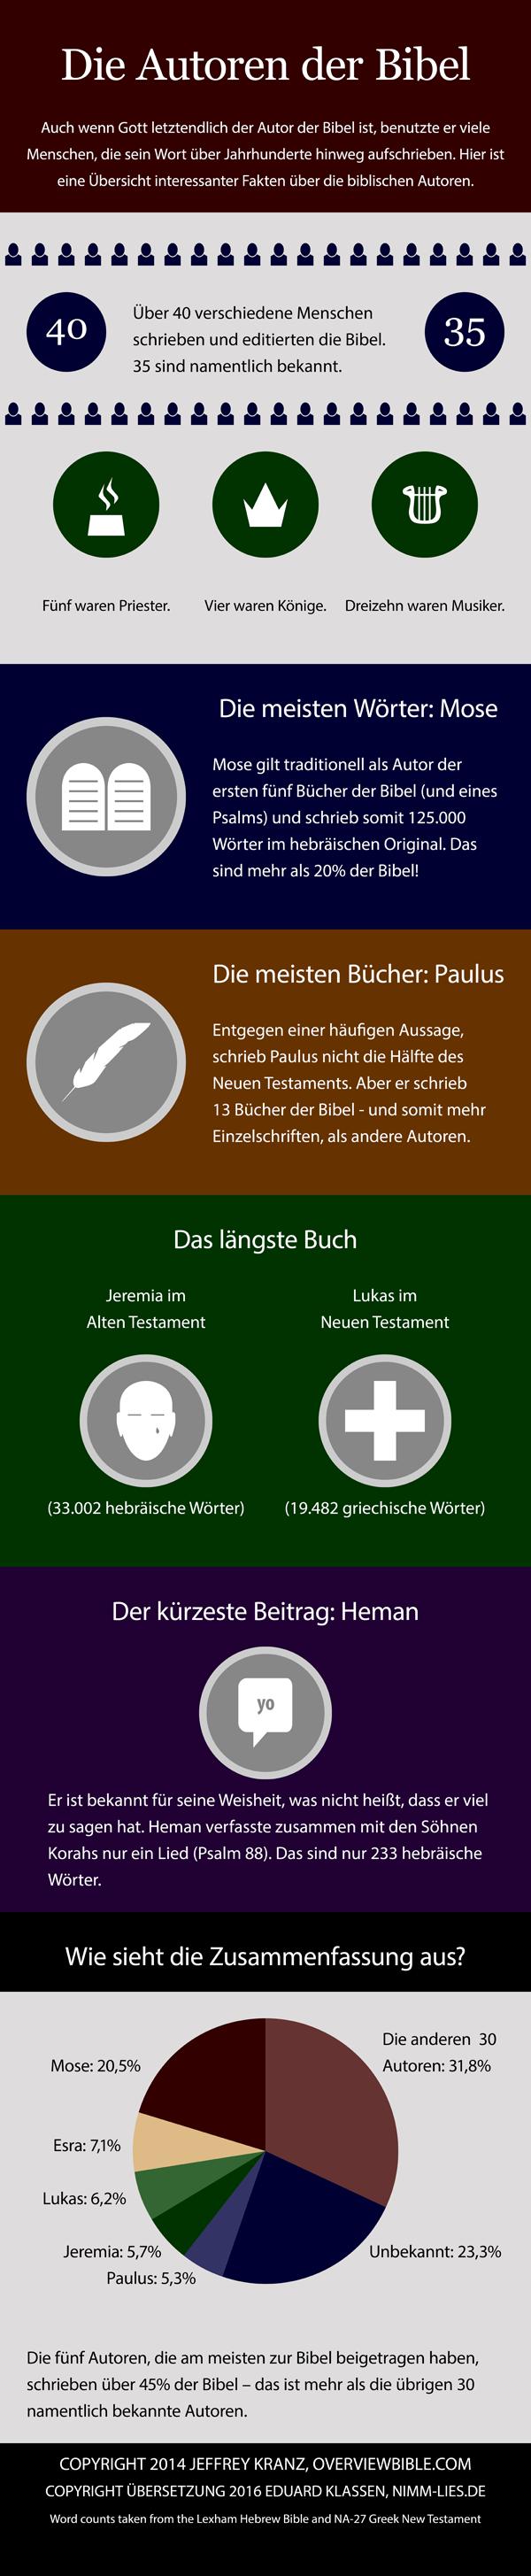 Autoren der Bibel - Infografik